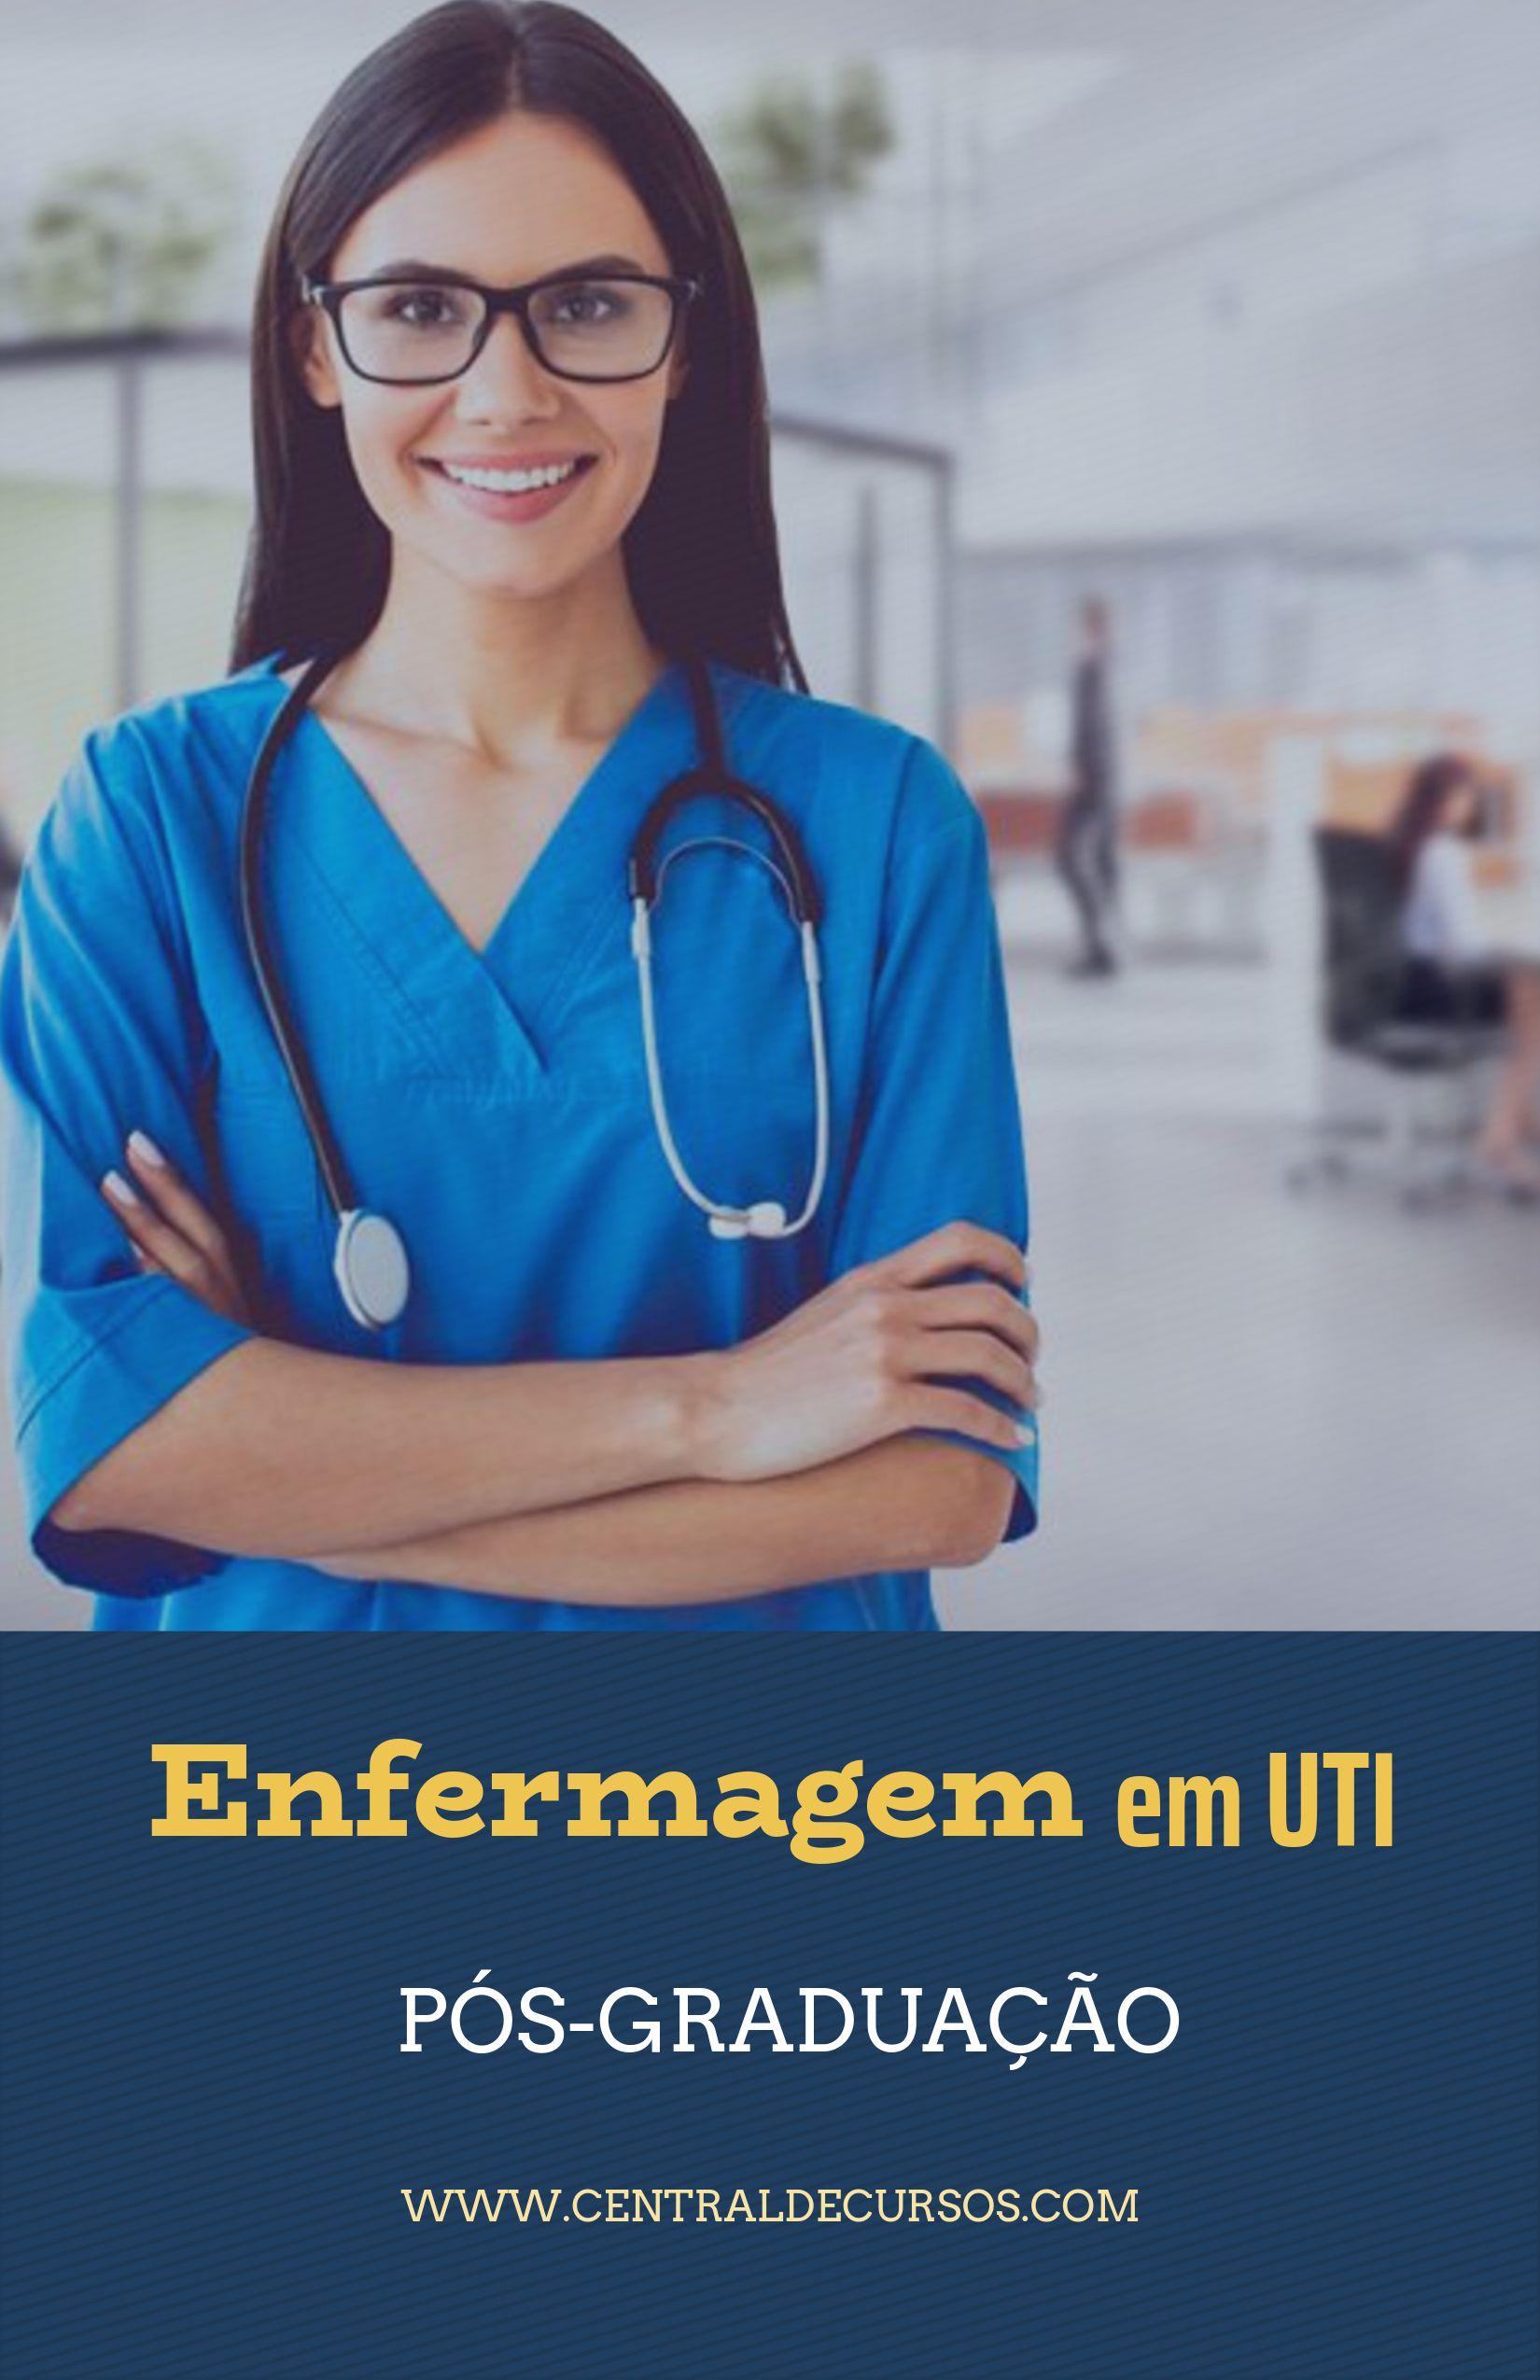 PÓS-GRADUAÇÃO em enfermagem UTI